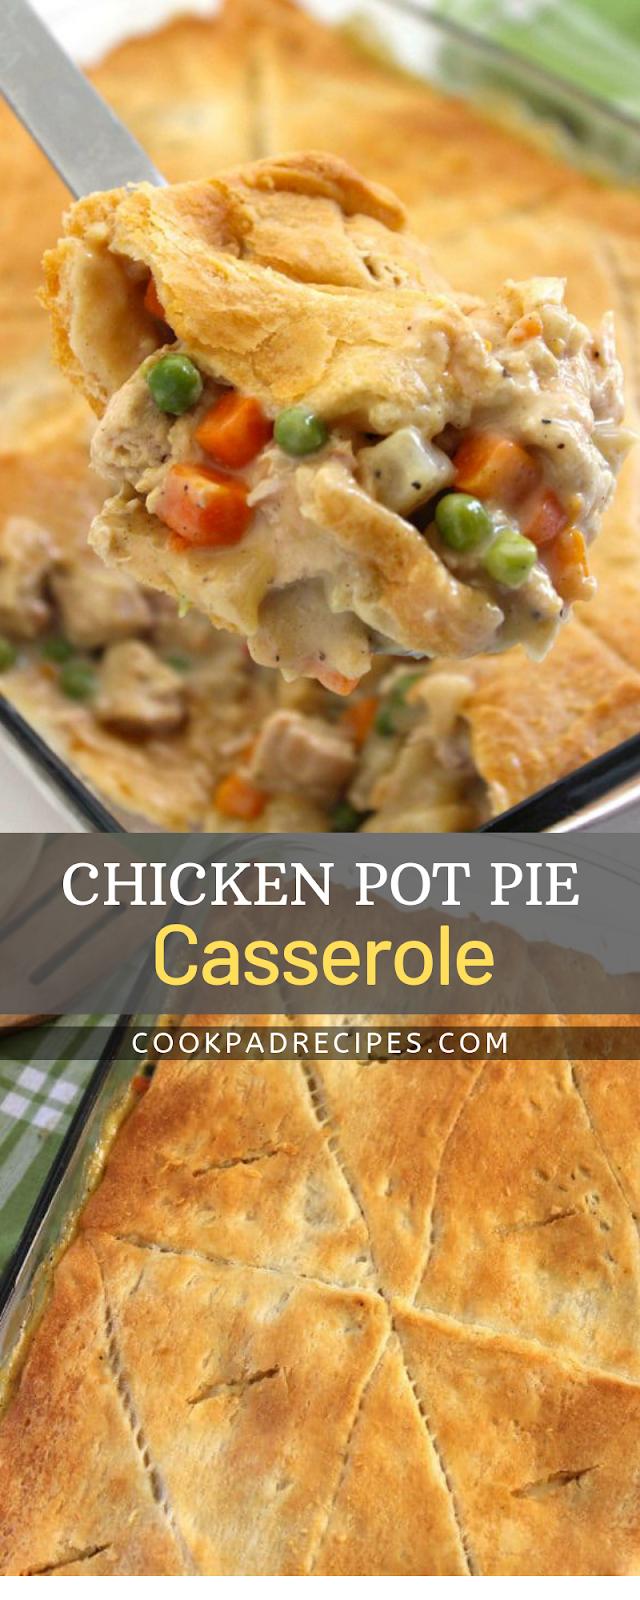 Chісkеn Pоt Pie Casserole